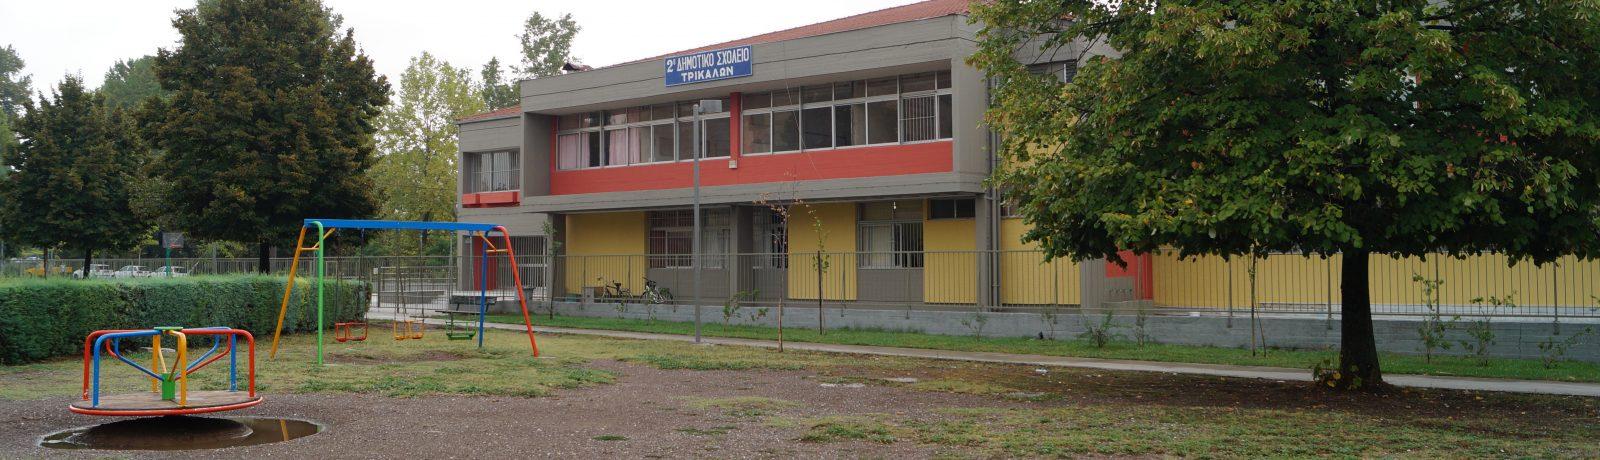 2ο Δημοτικό Σχολείο Τρικάλων